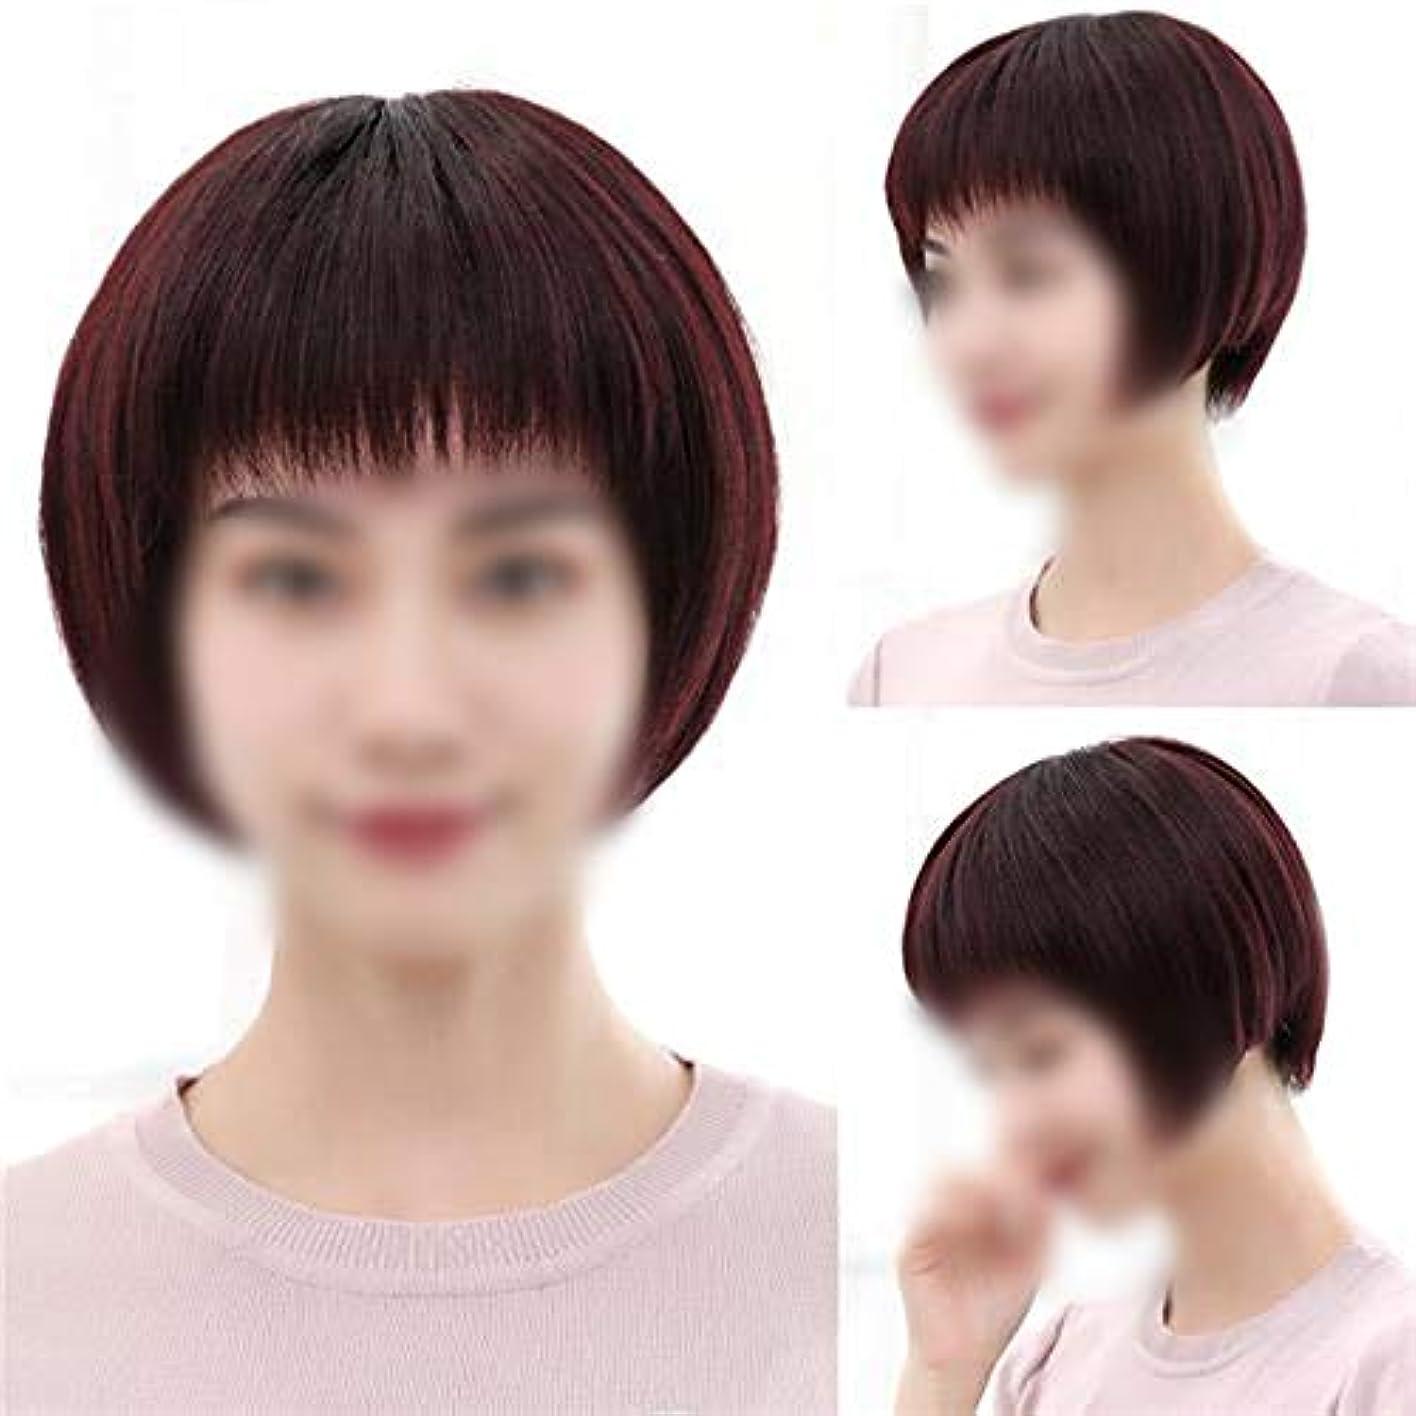 高さ密度すぐにYOUQIU 女性の中年ウィッグウィッグボブショートストレート髪のフルハンド織実ヘアウィッグ (色 : Dark brown)